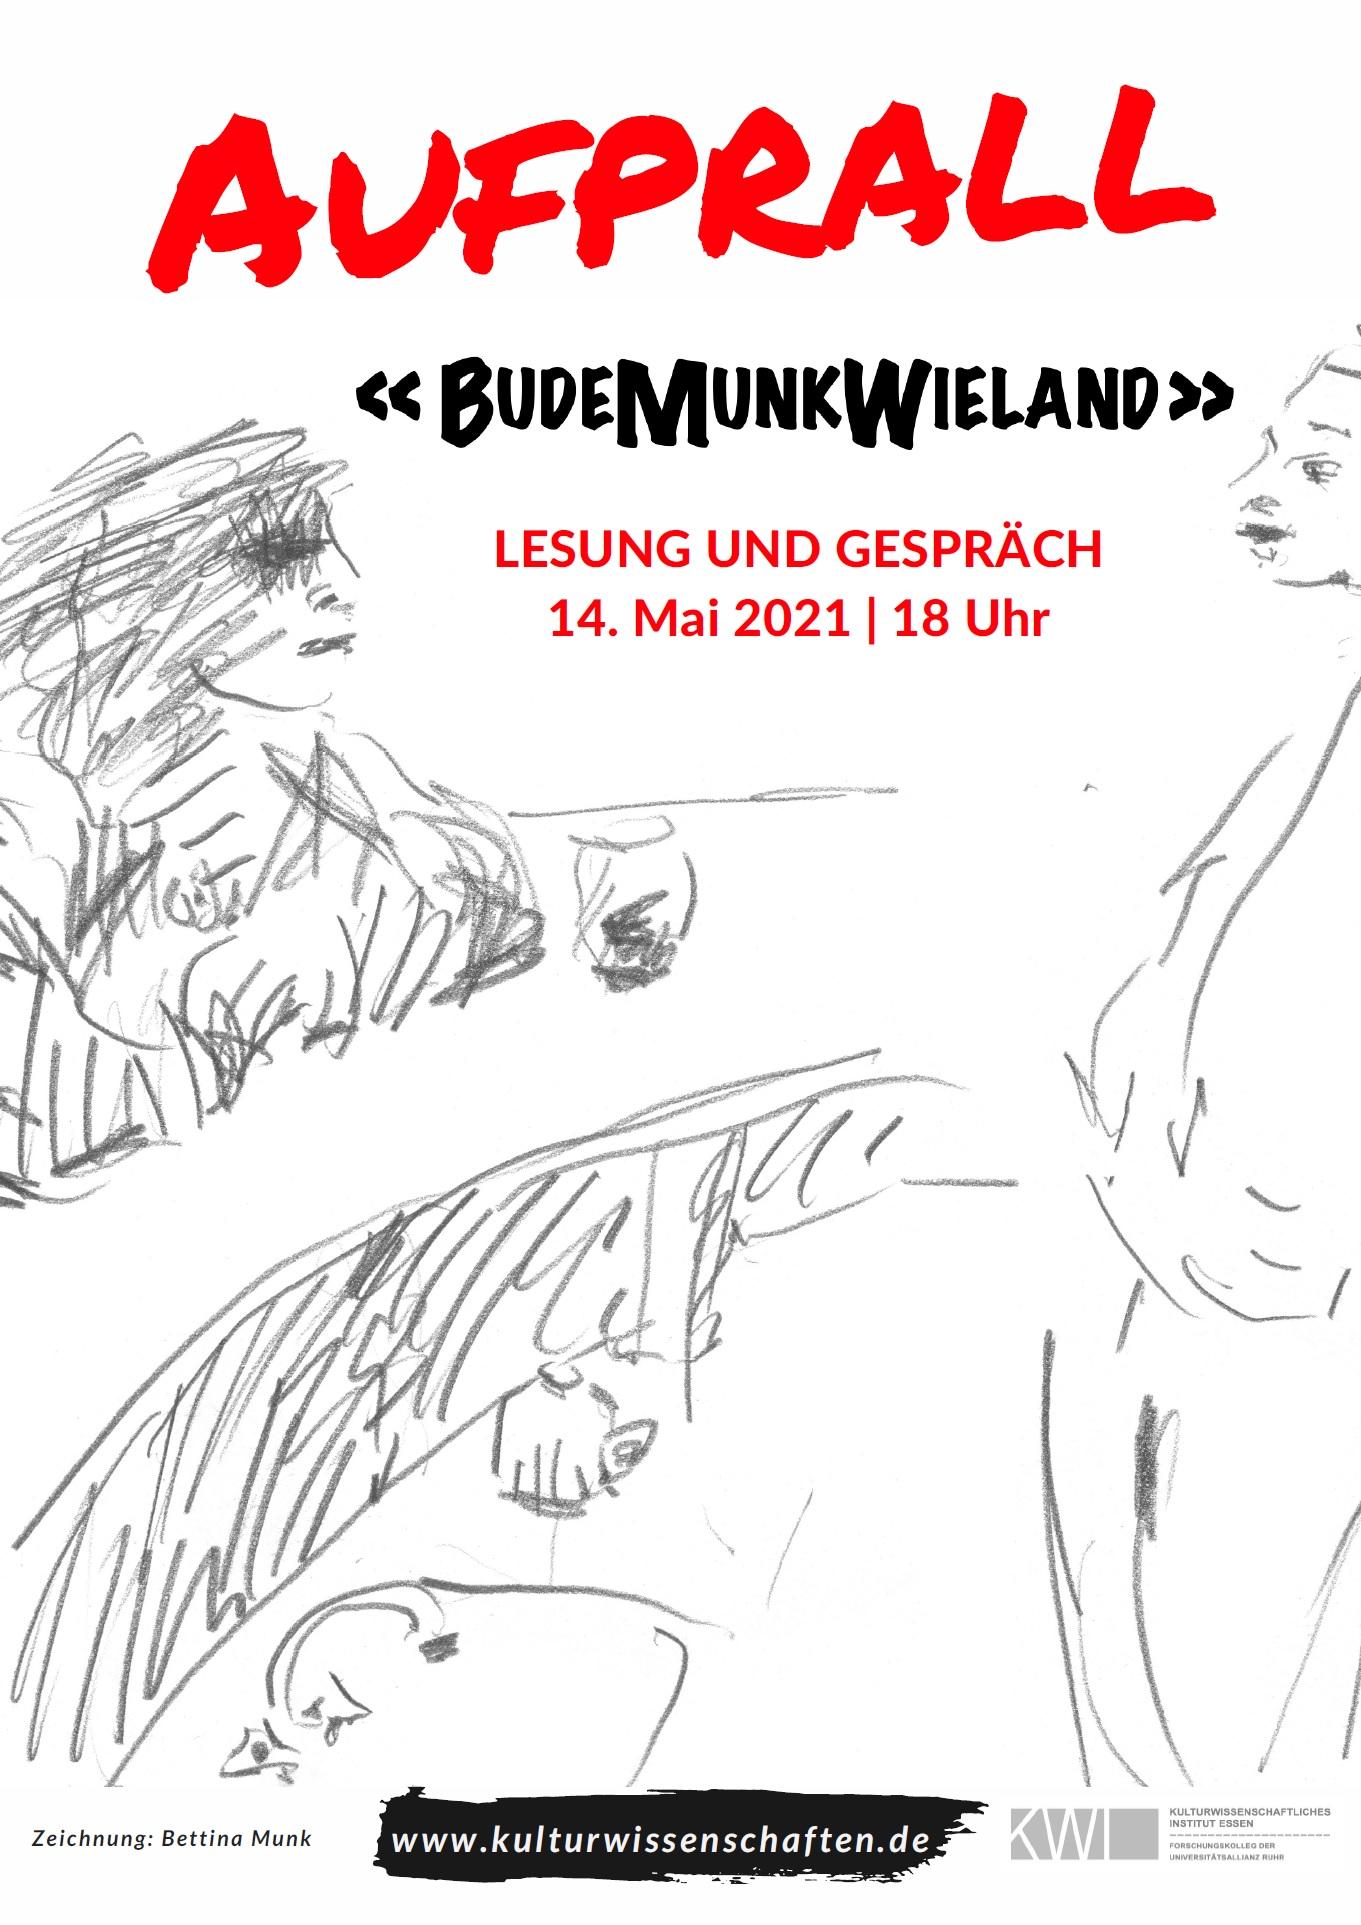 Aufprall: Lesung und Gespräch mit Heinz Bude, Bettina Munk & Karin Wieland